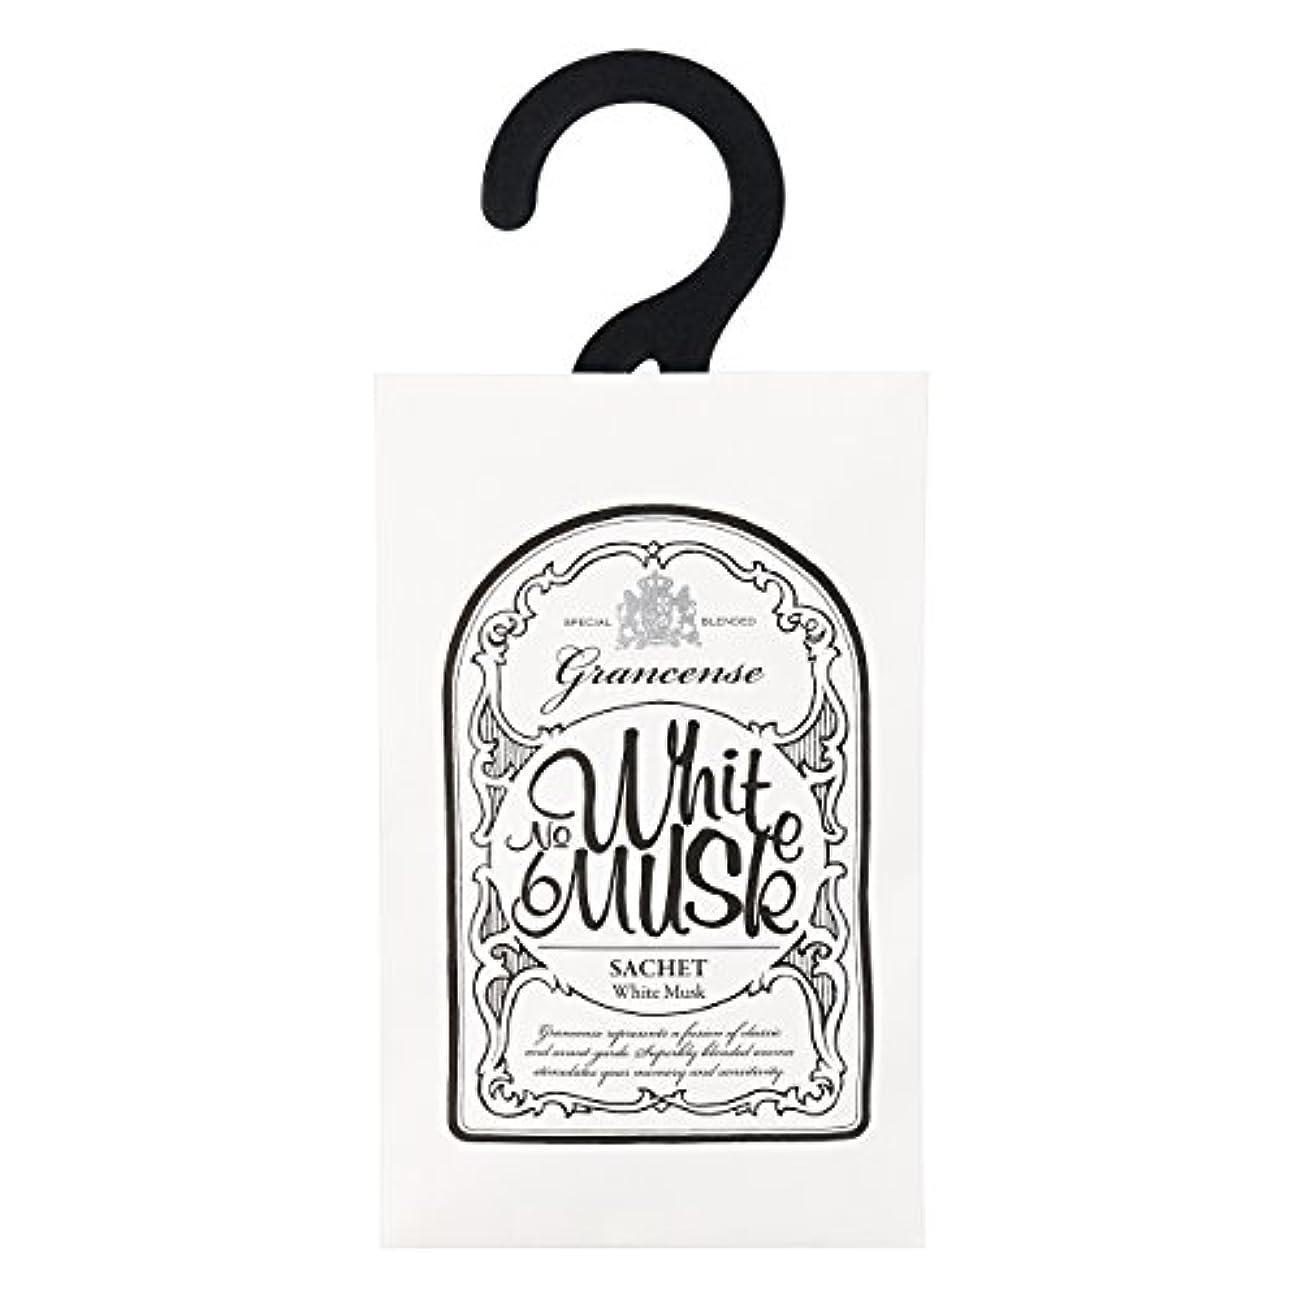 胃外側プロフィールグランセンス サシェ(約2~4週間) ホワイトムスク 12g(芳香剤 香り袋 アロマサシェ ベルガモットとミントの透明感ある香り)